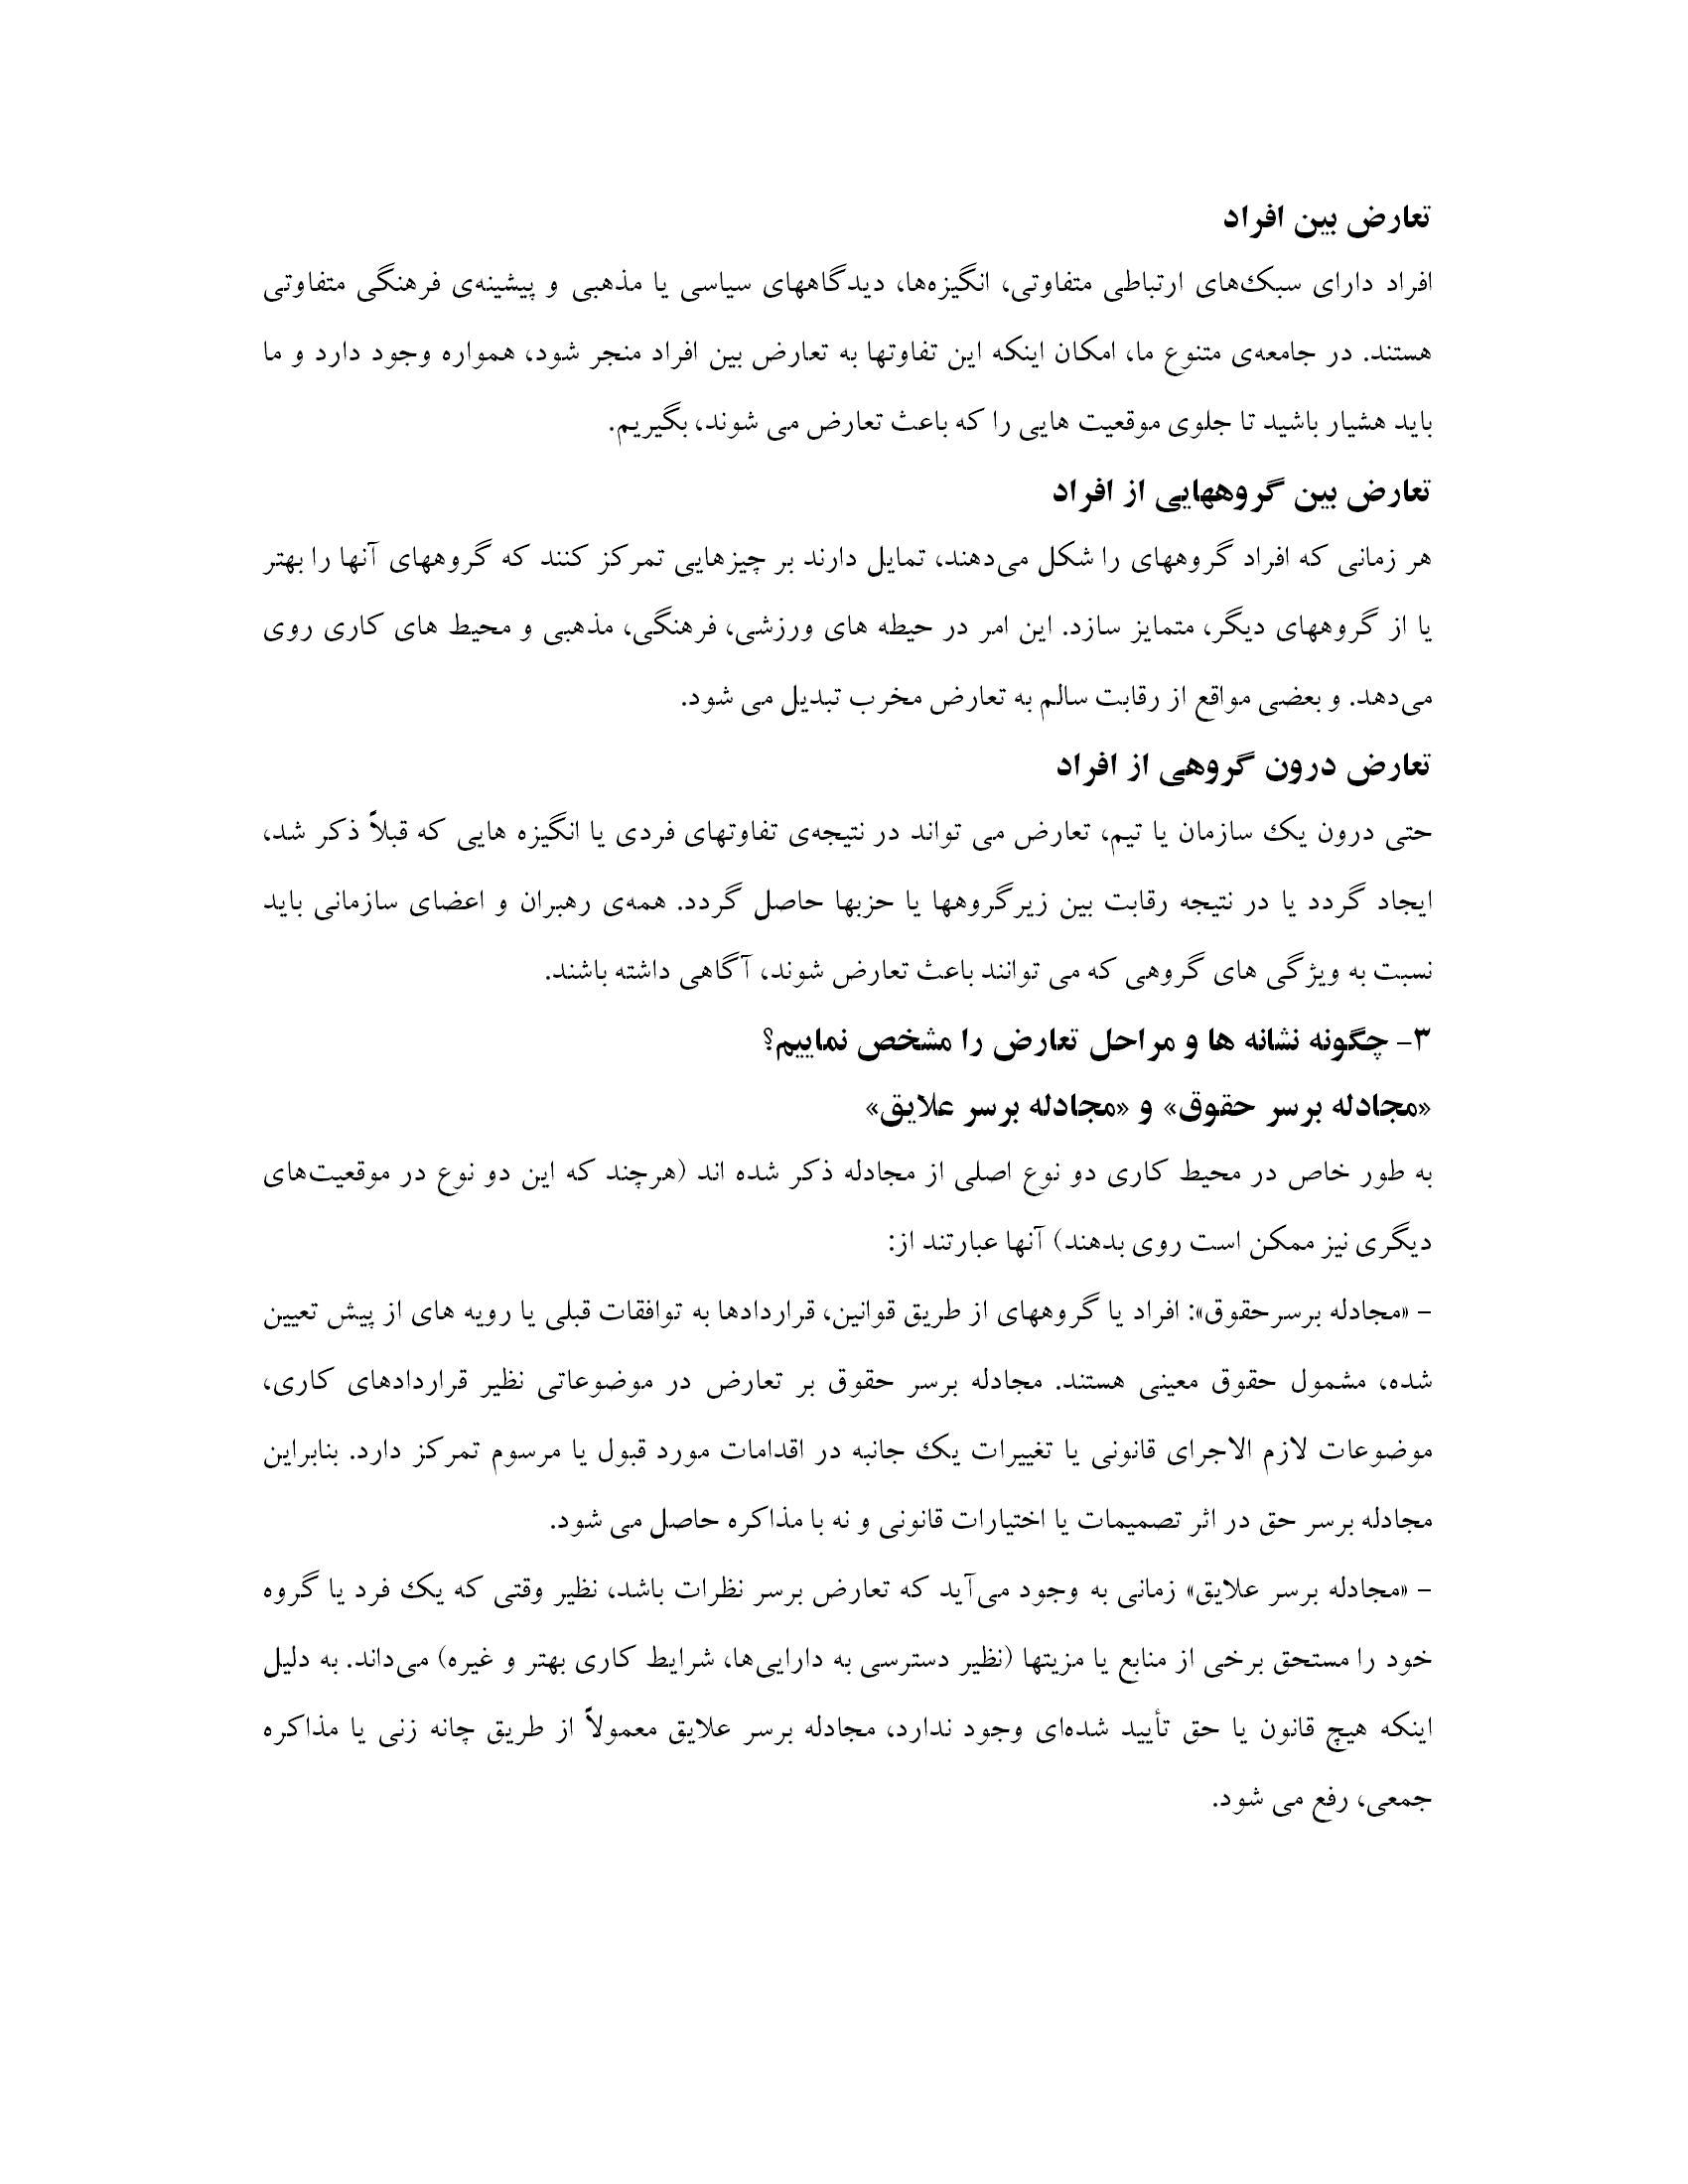 ترجمه مقاله و تحقیق - تعارض بین افراد 11